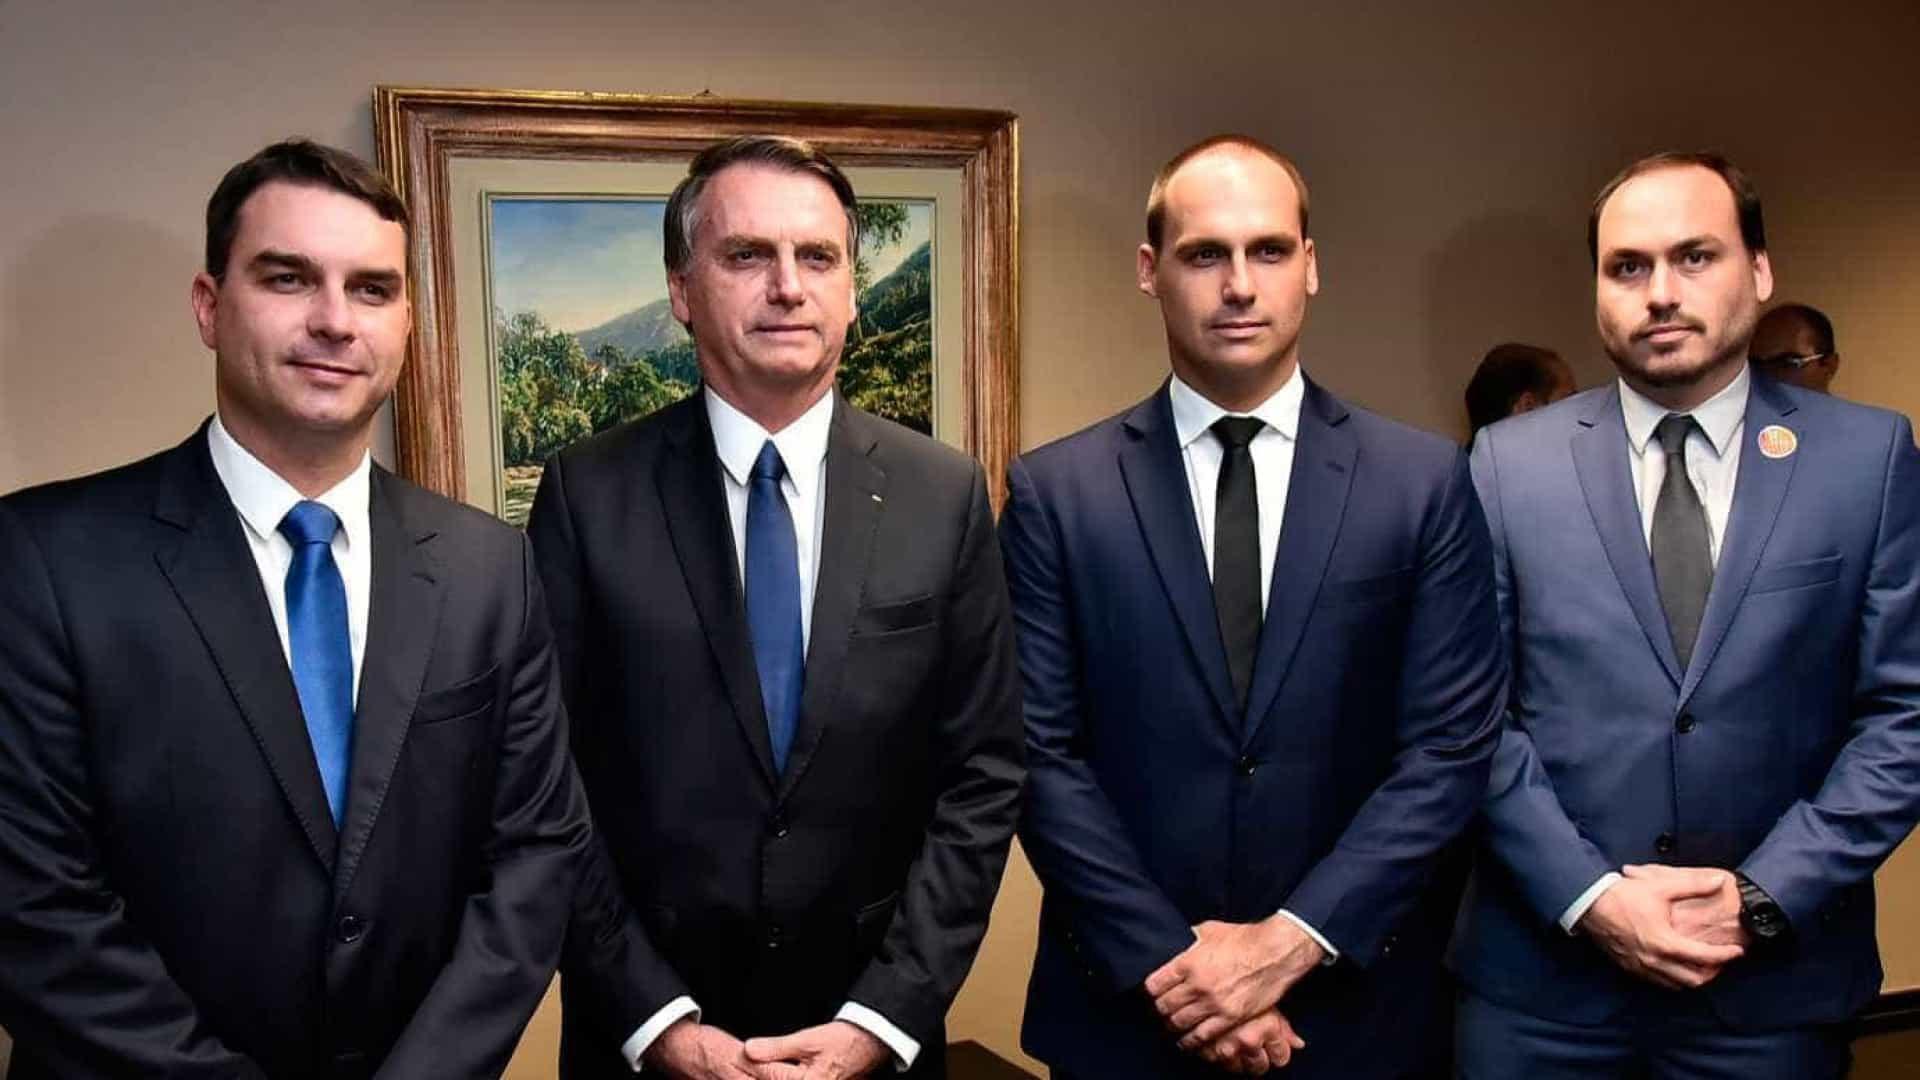 'Gabinete do ódio' vira o Conselho da República